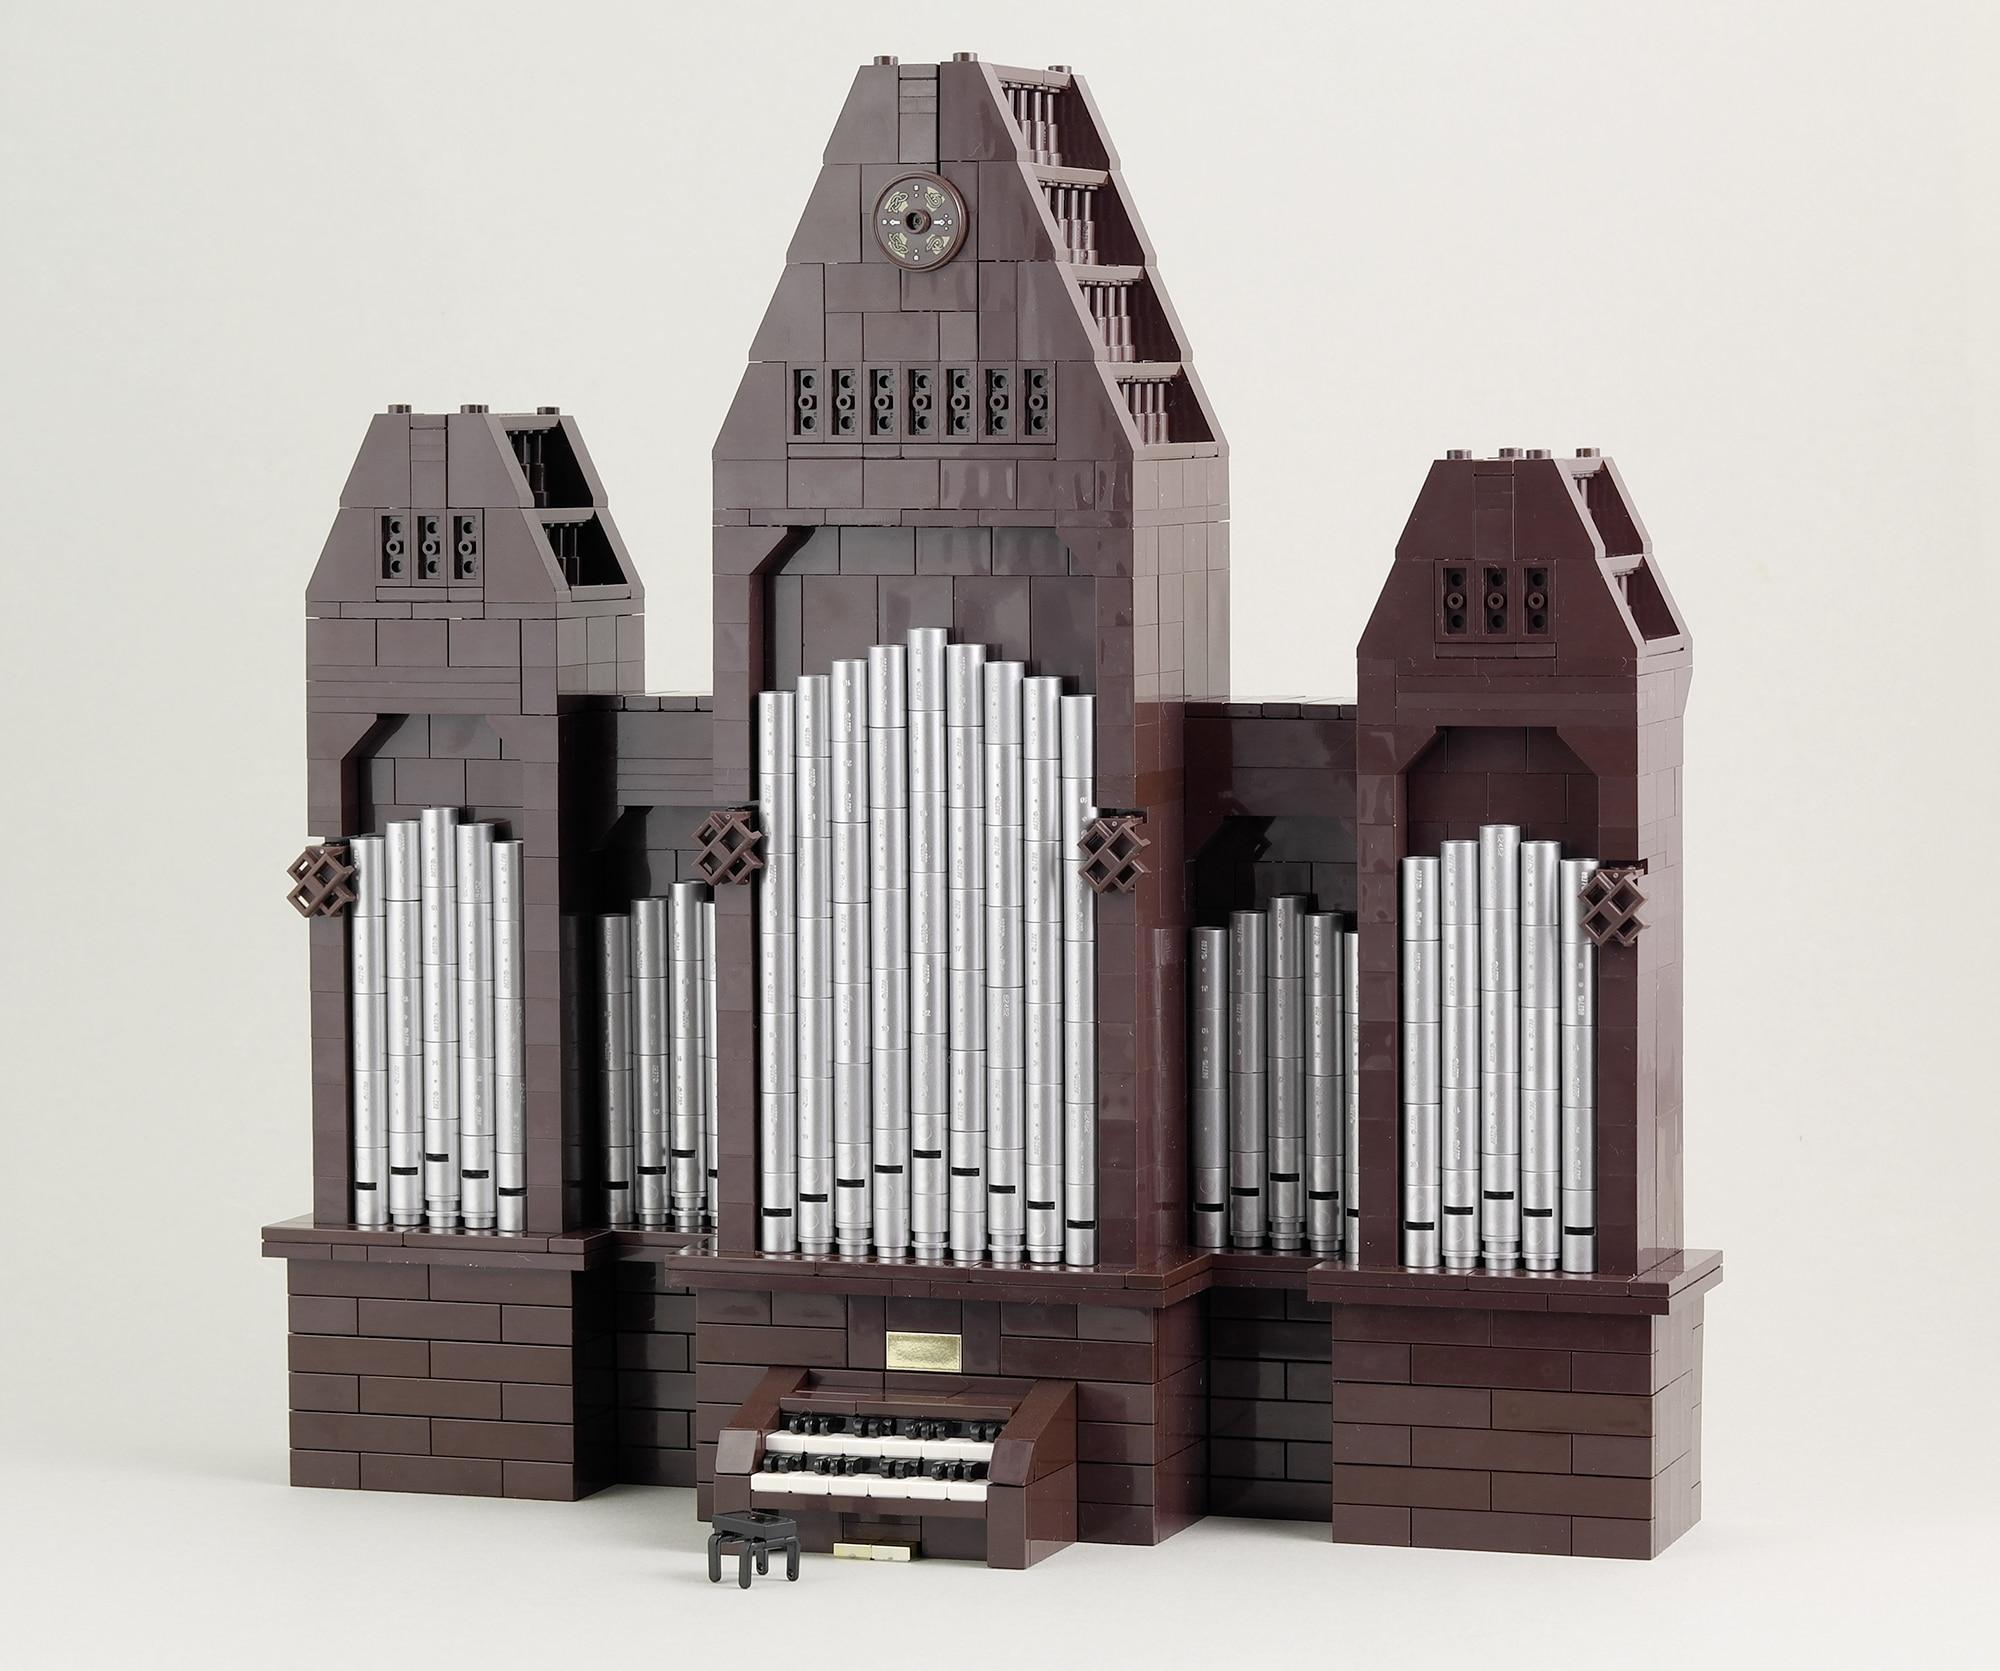 LEGO Moc Iron Builder 2016orgel